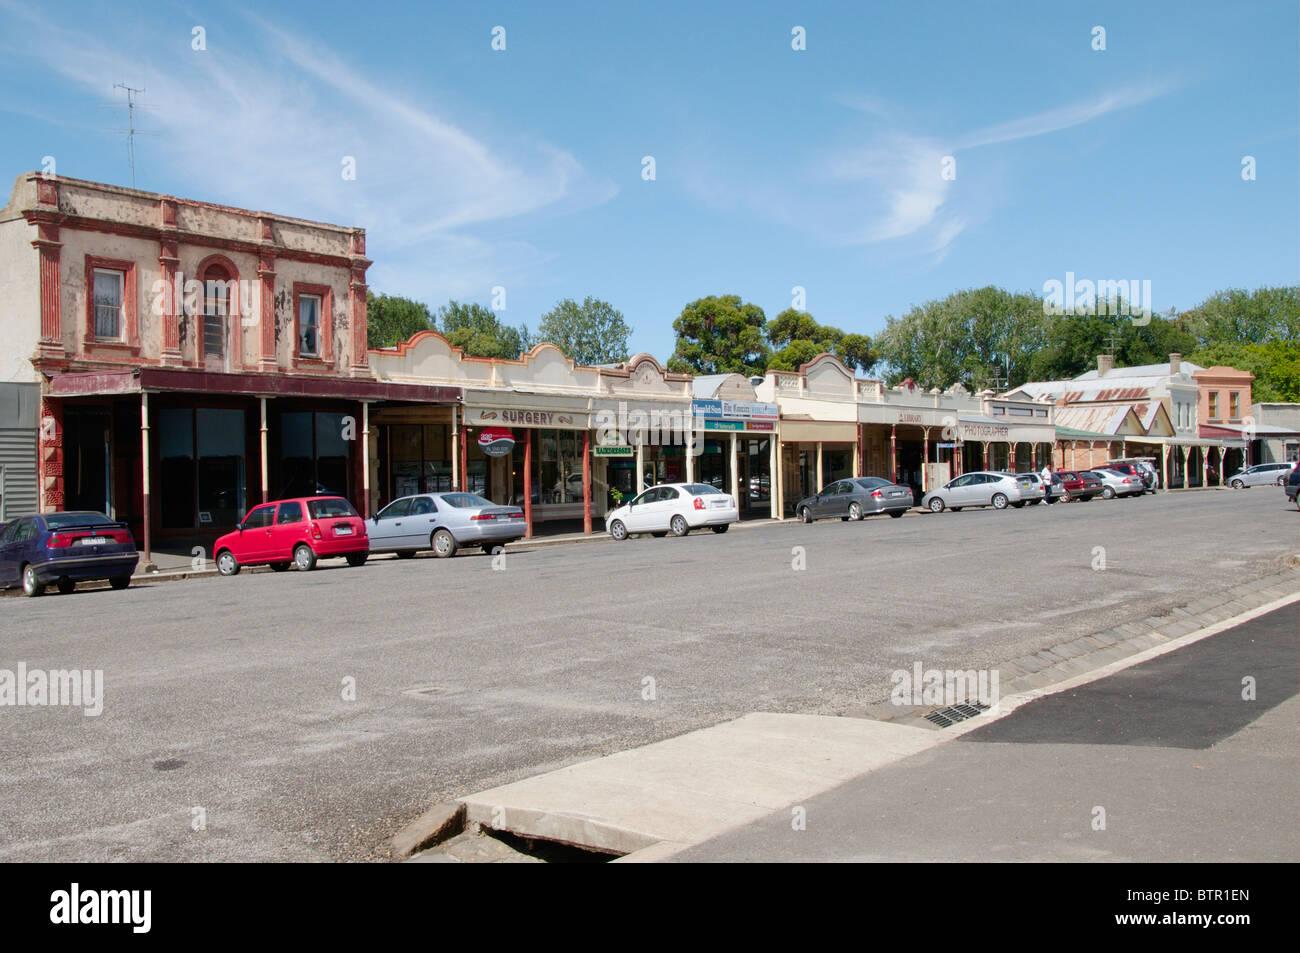 Australien, Central Victoria, Clunes, Main Street mit Autos geparkt in der Nähe von Gebäude Stockbild